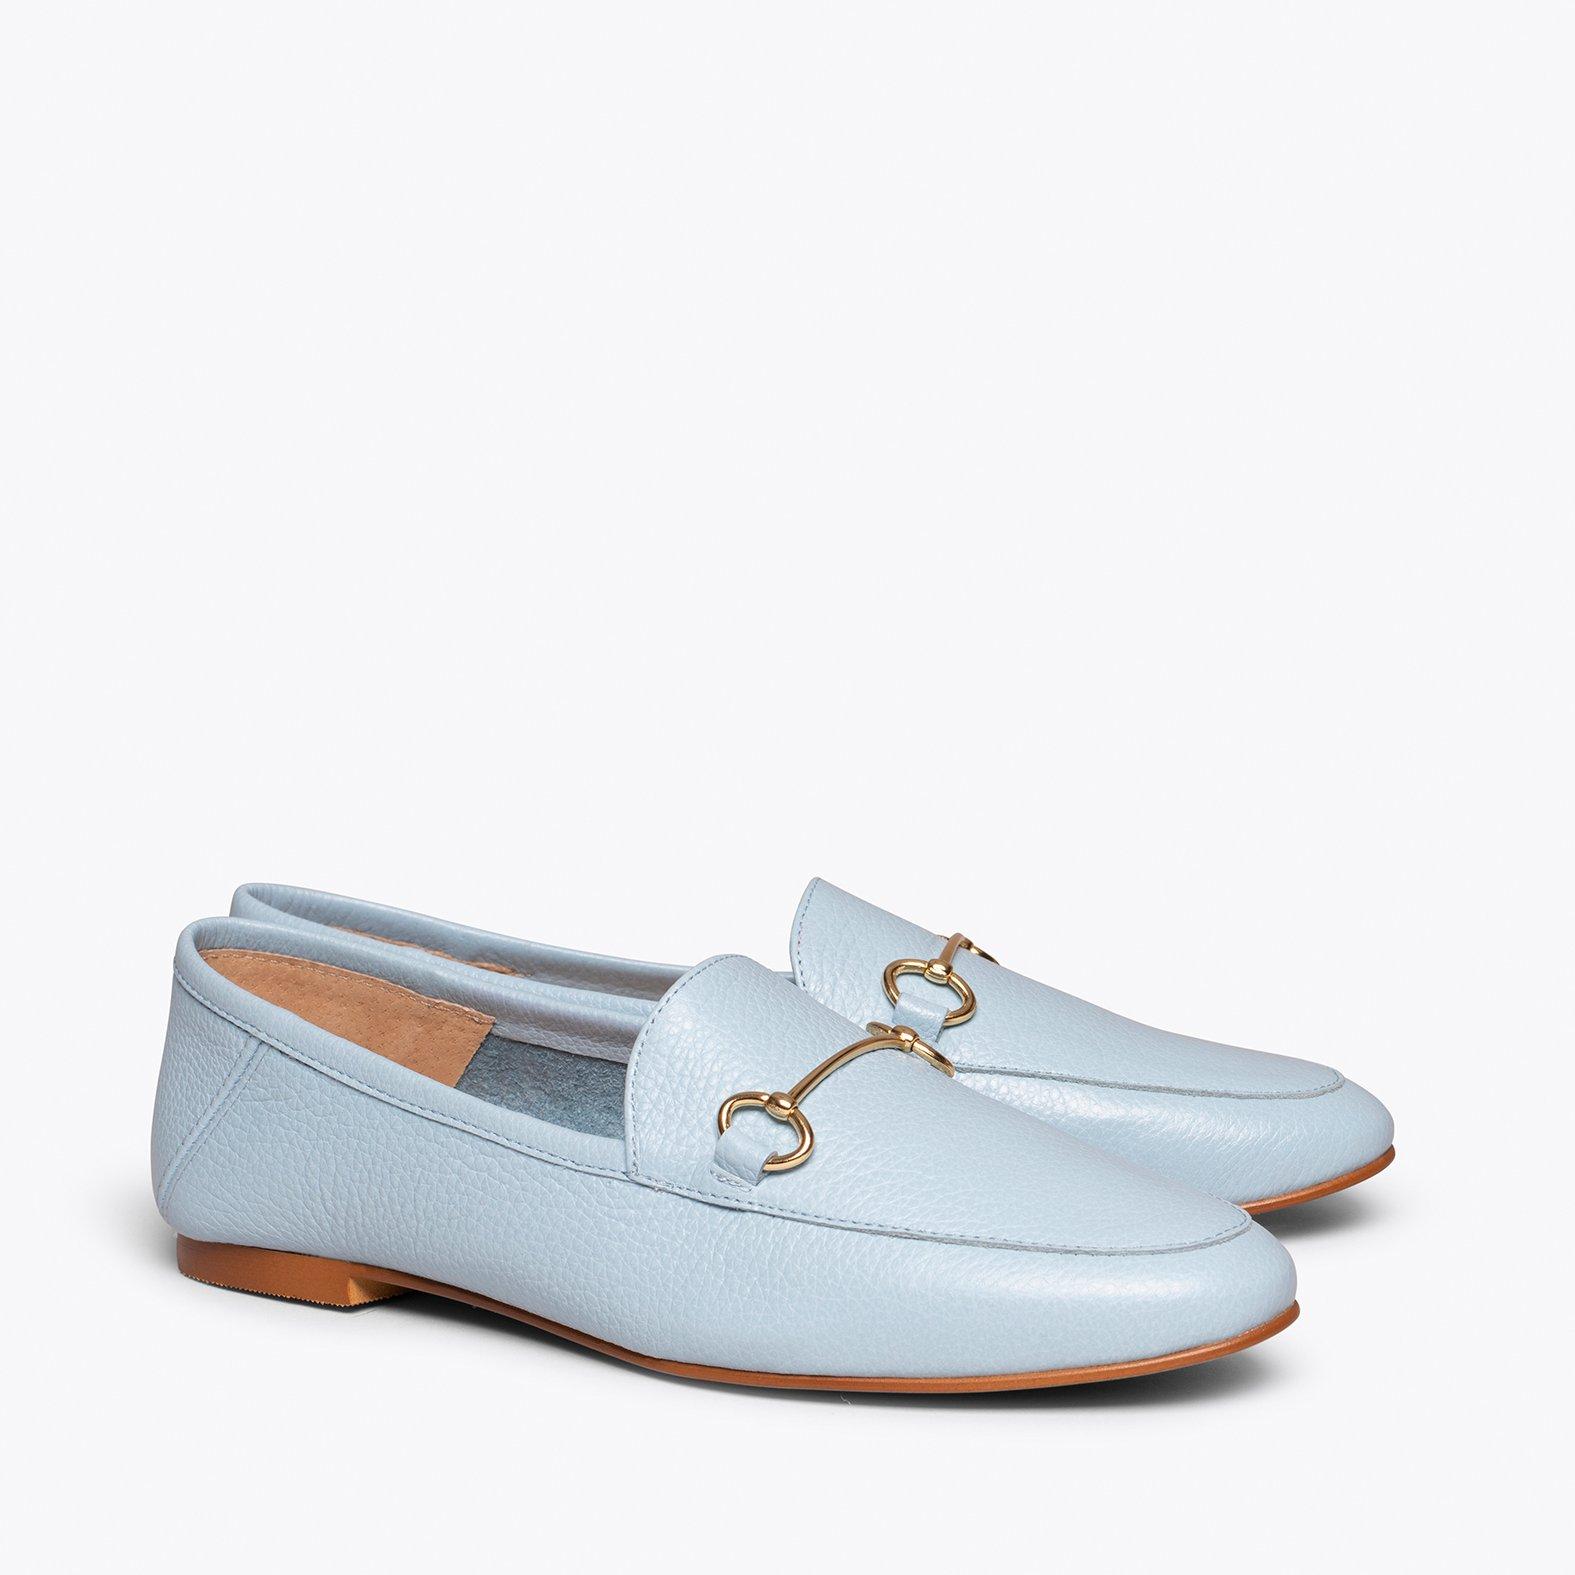 STILETTO Zapato con tacón fino AMARILLO